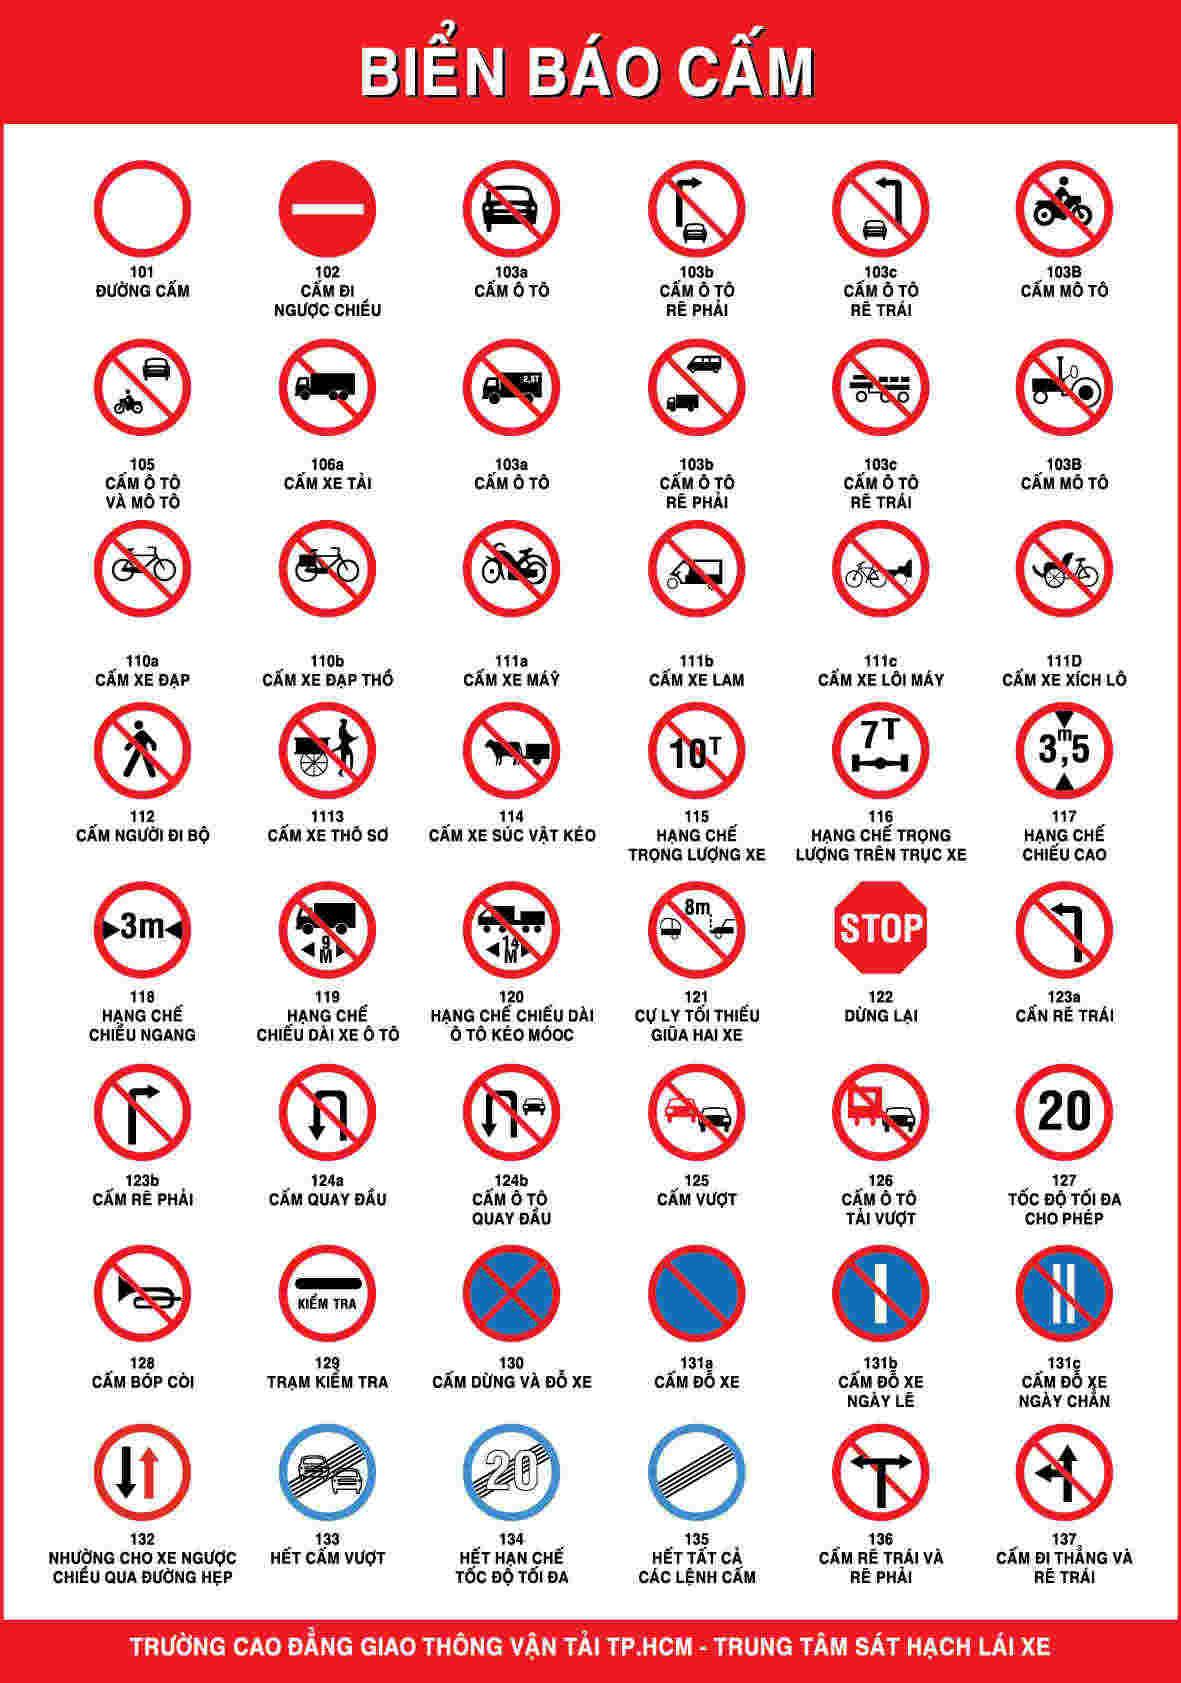 Biển baó cấm khi lưu thông trên đường